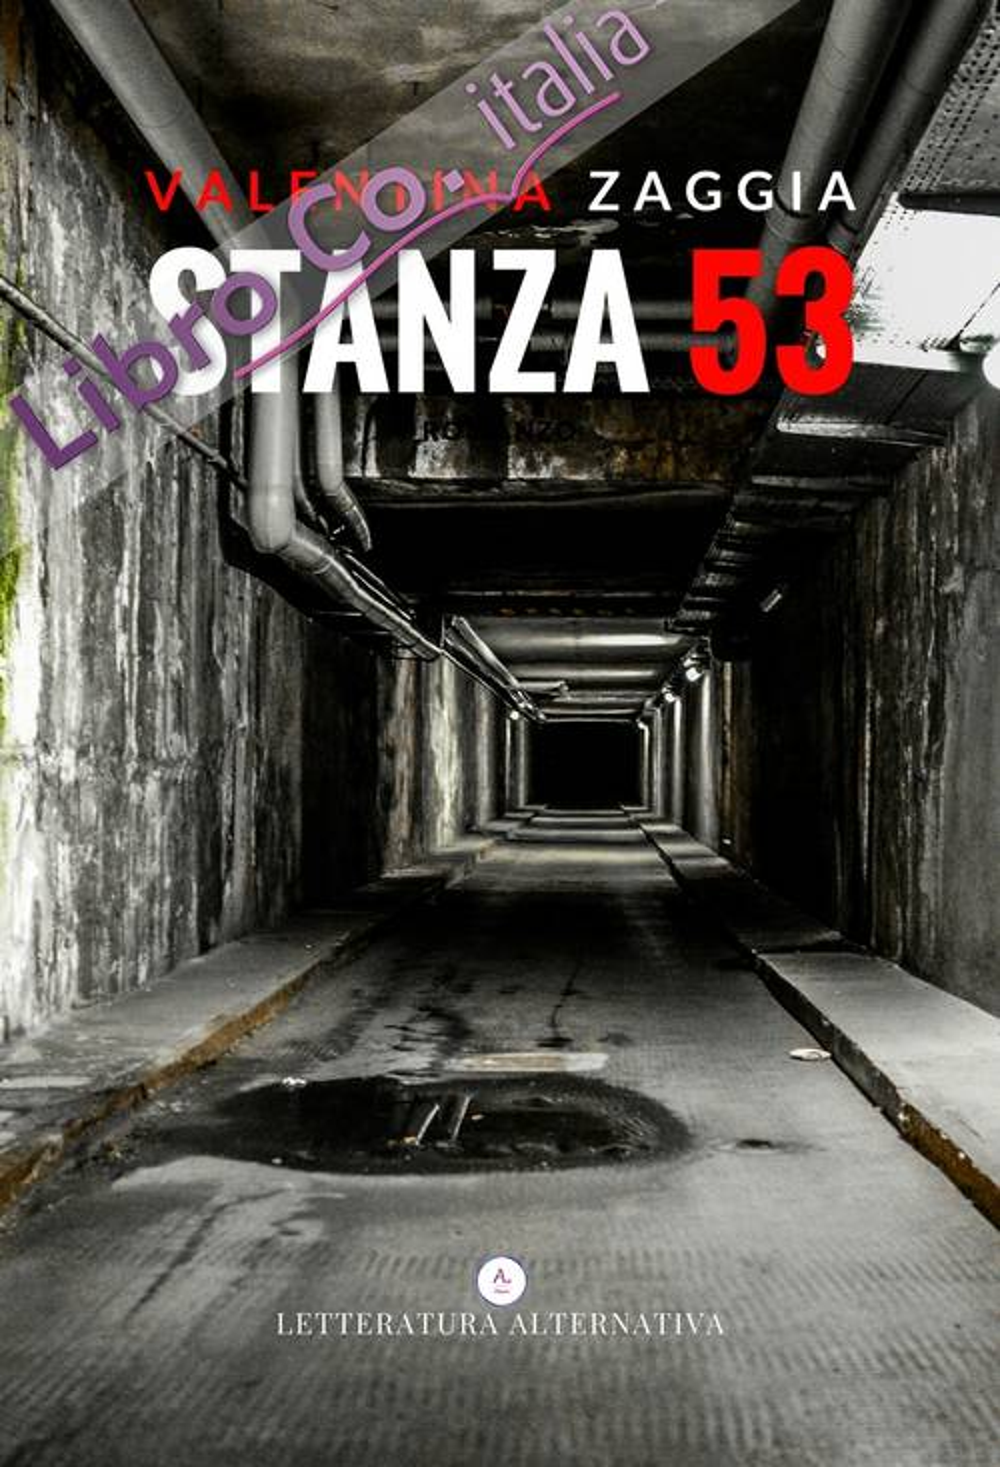 Stanza 53